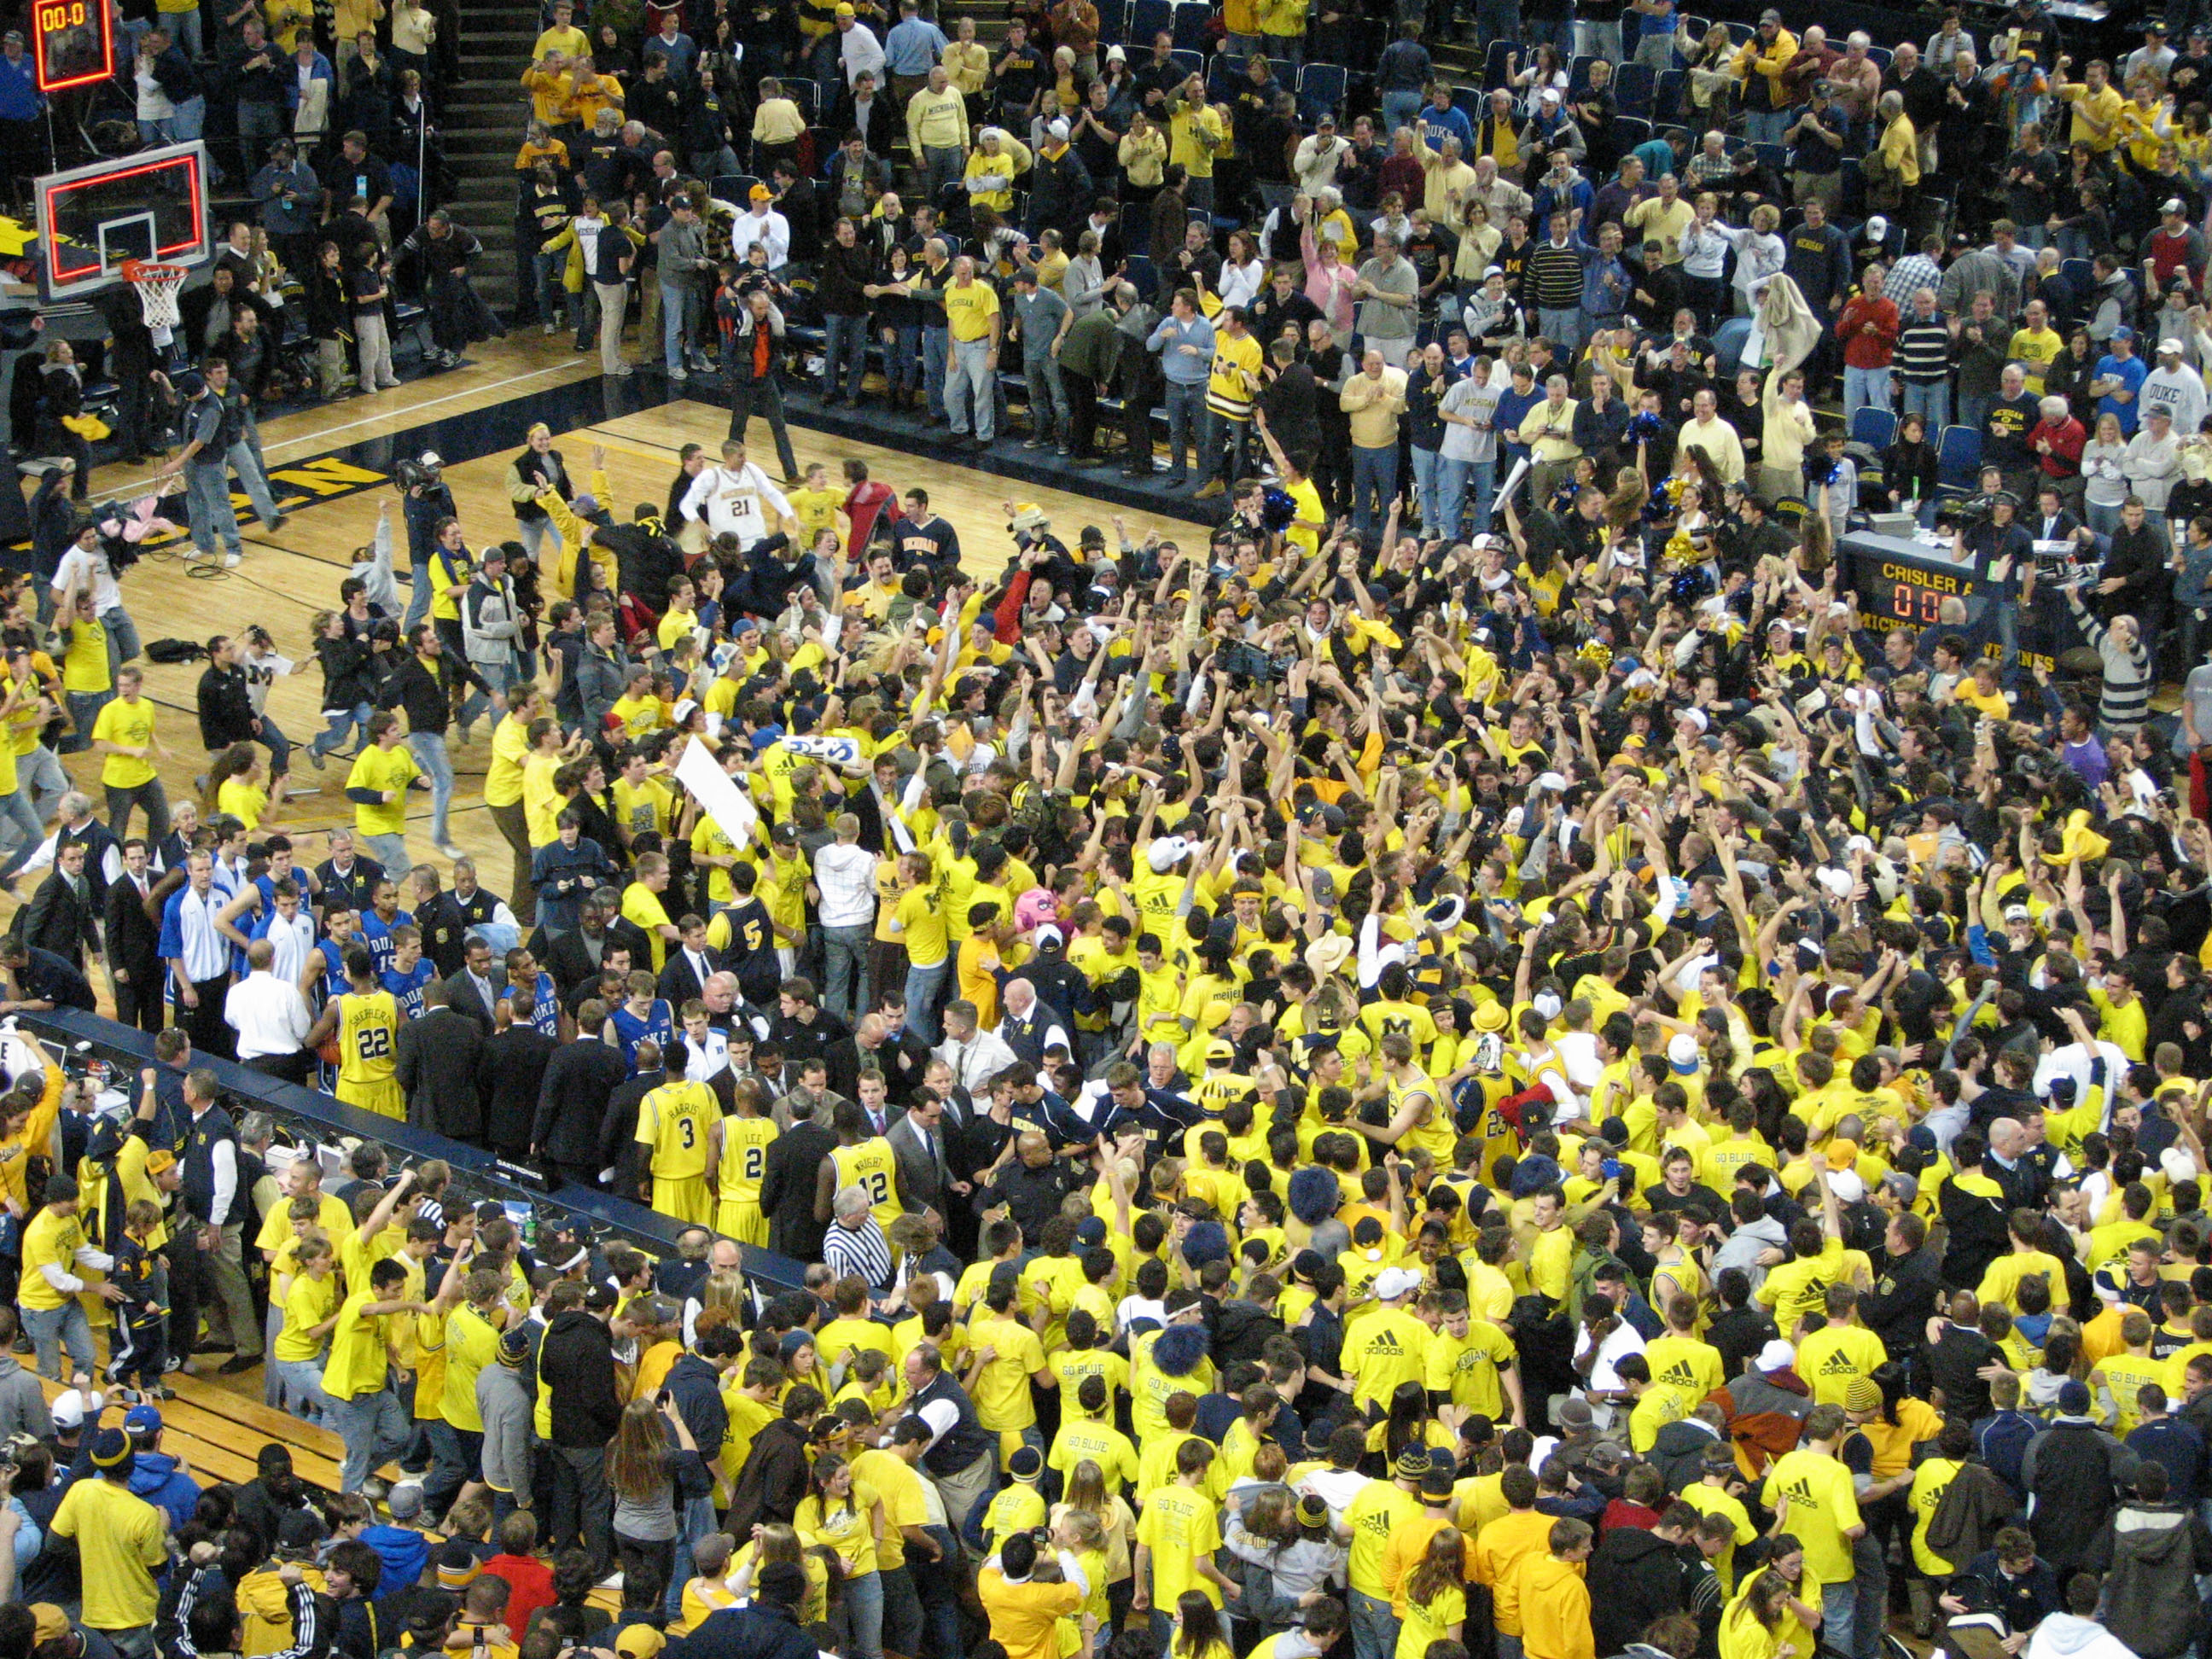 Basketball Arena Fans Crisler Arena Fans Celebrate